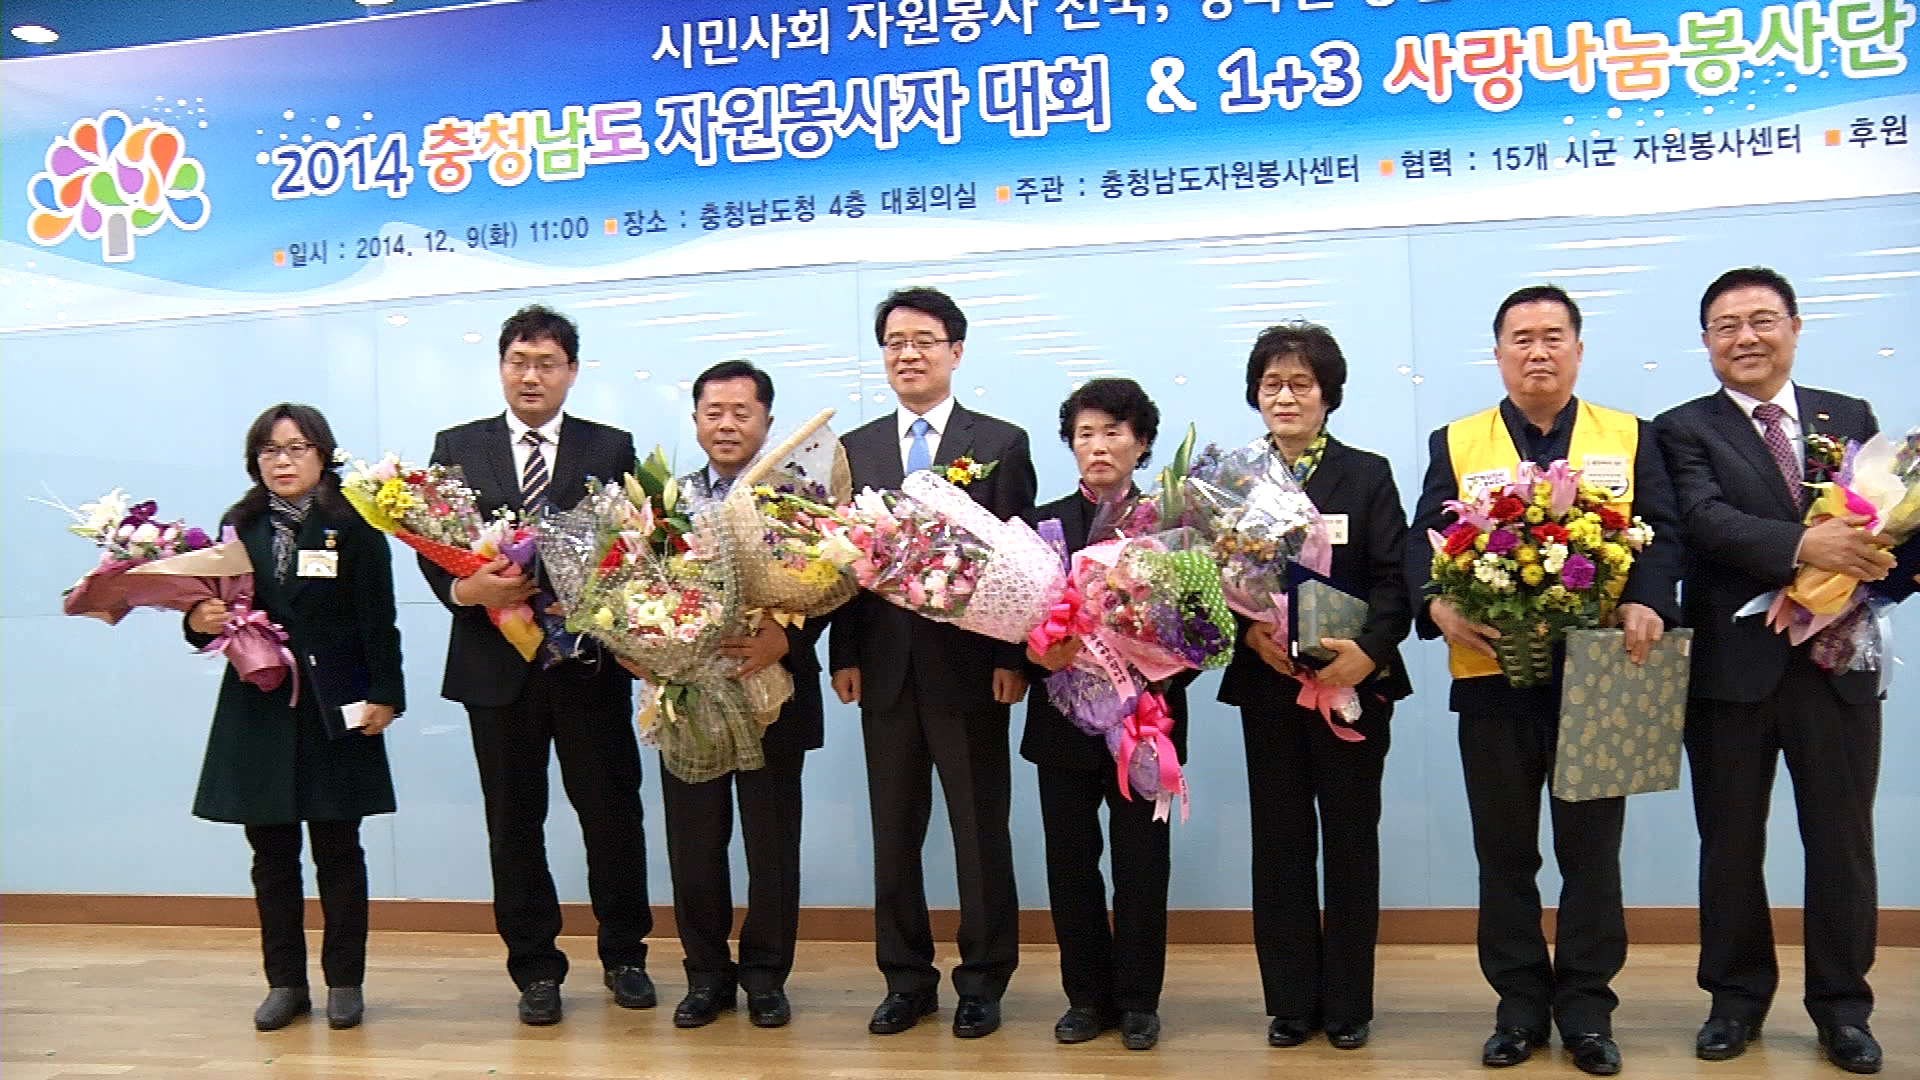 '2014 충남도 자원봉사자대회'